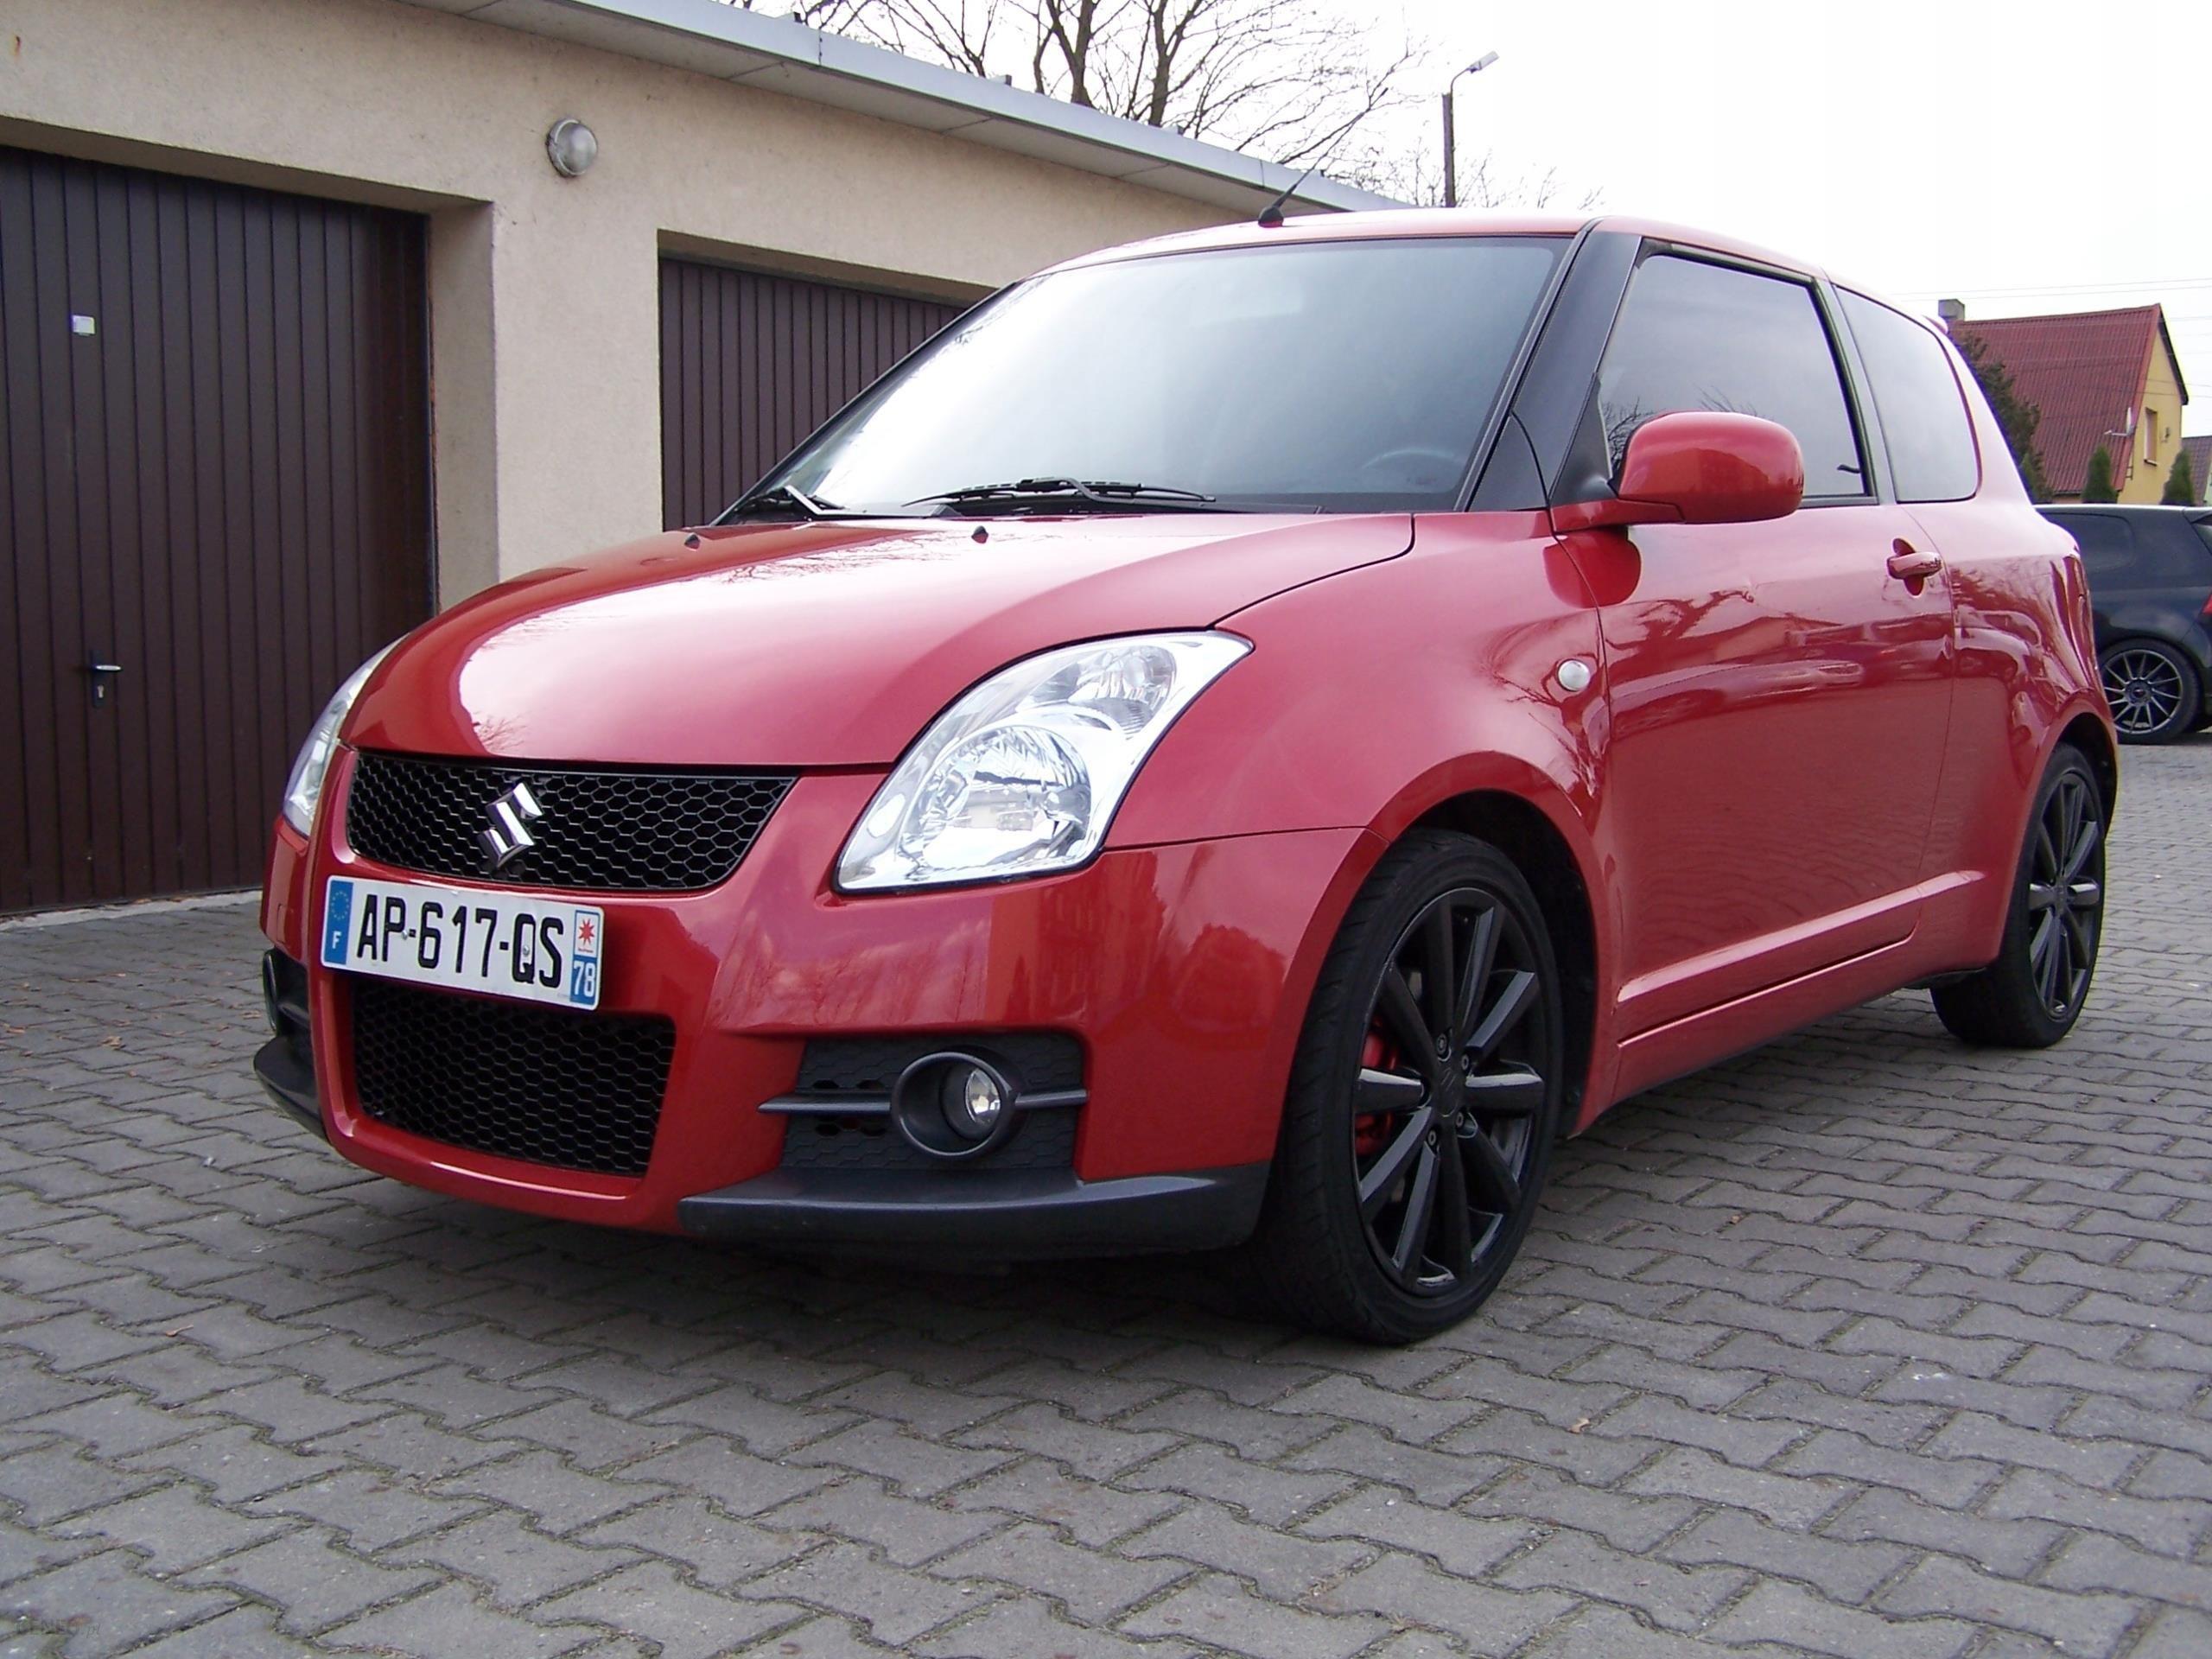 Fantastyczny Suzuki Swift Sport 1.6 Benzyna 125 KM Klimatronik - Opinie i ceny IR97